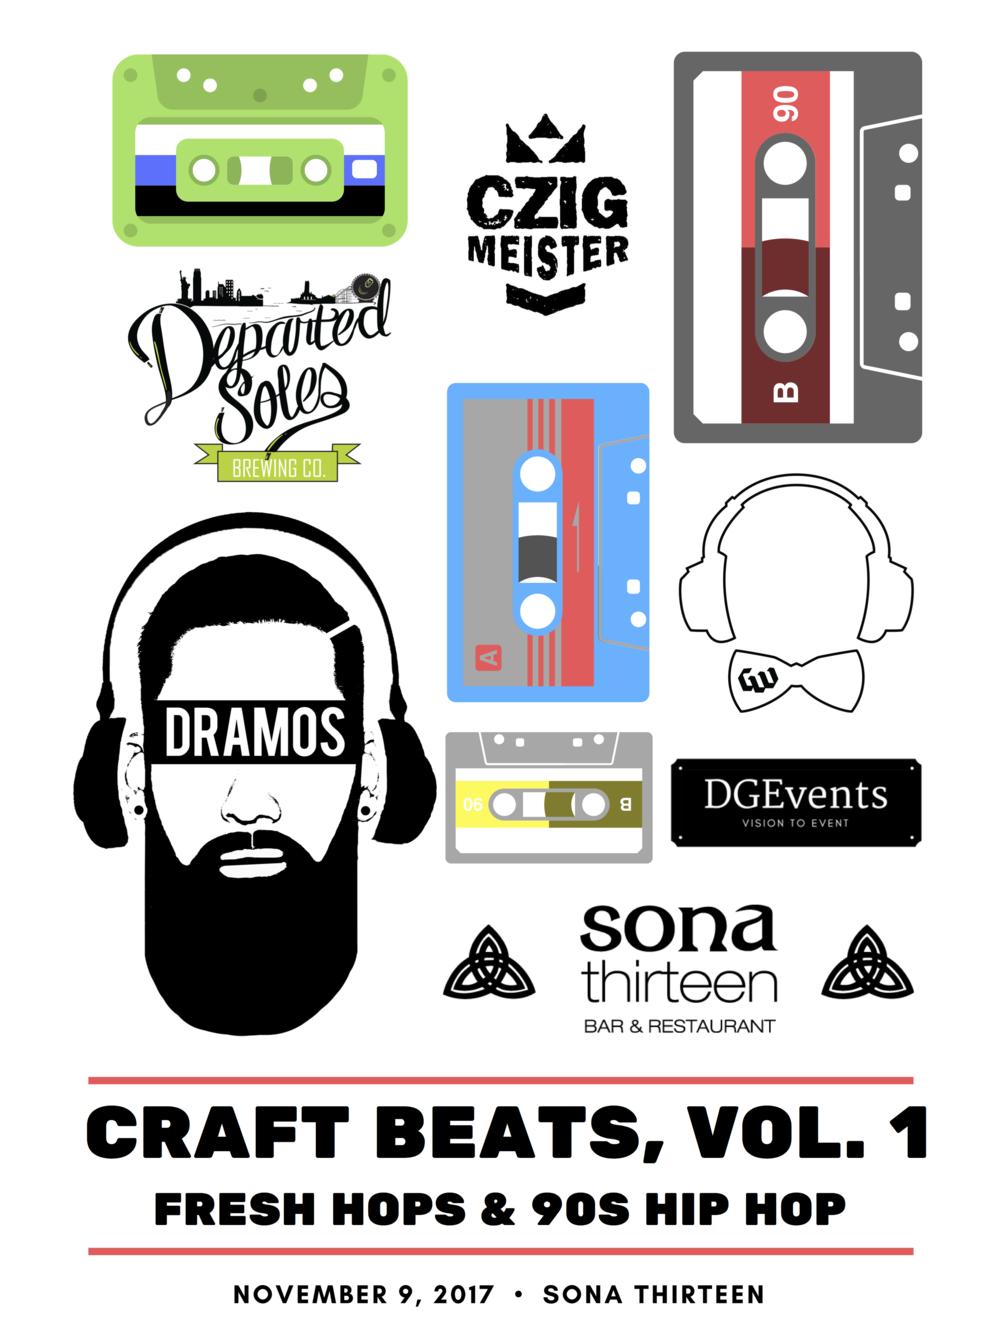 Craft Beats, Vol. 1_PNG.png